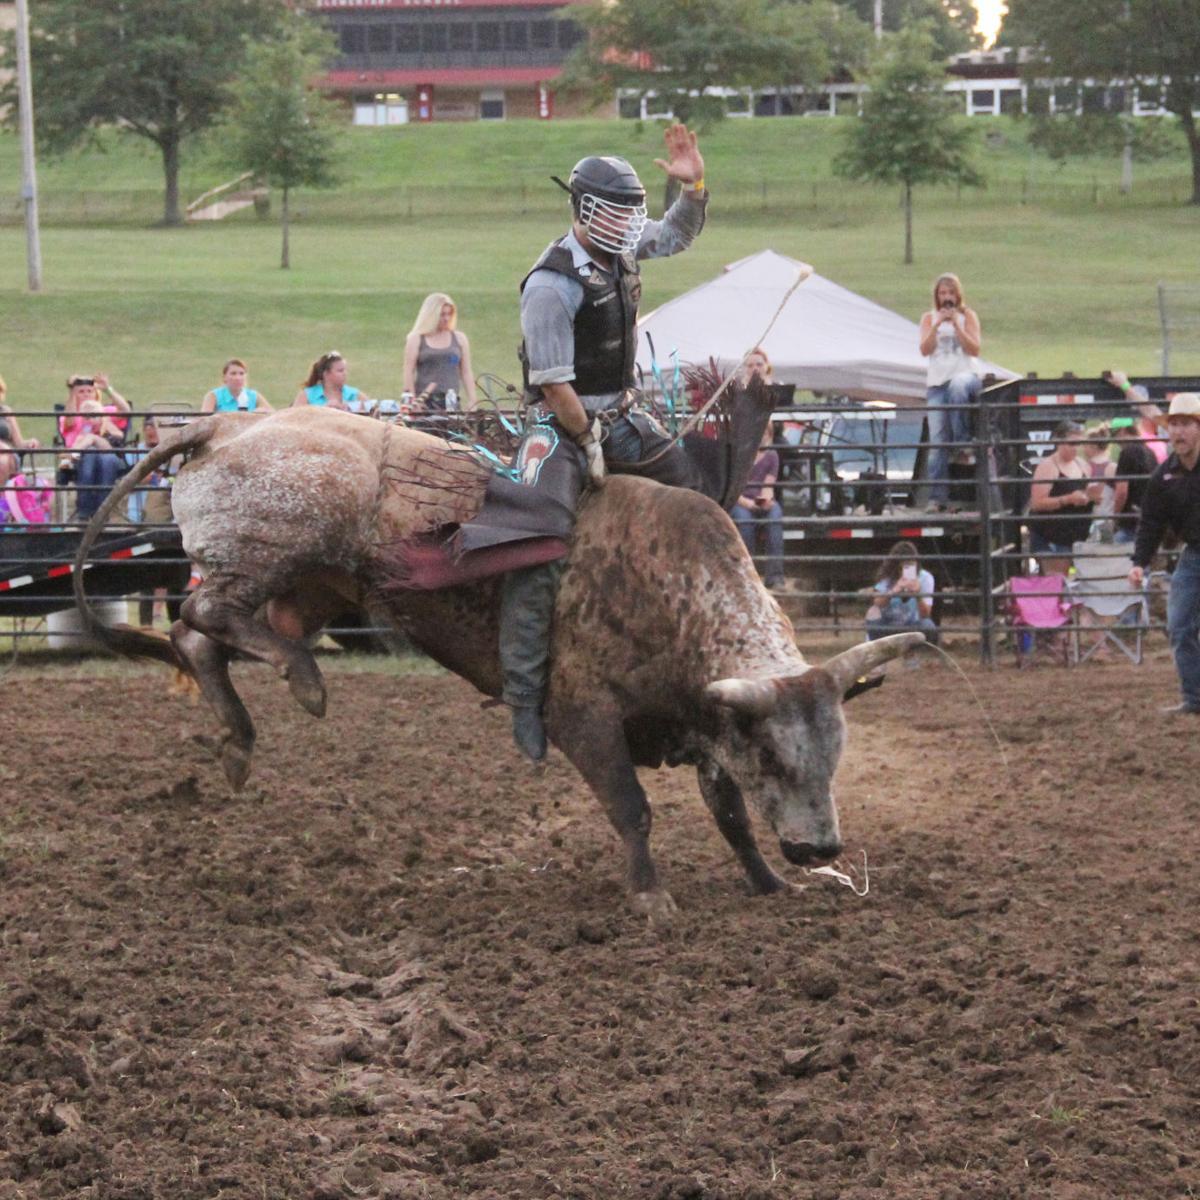 Franklin County Fair Bull Ride 2017